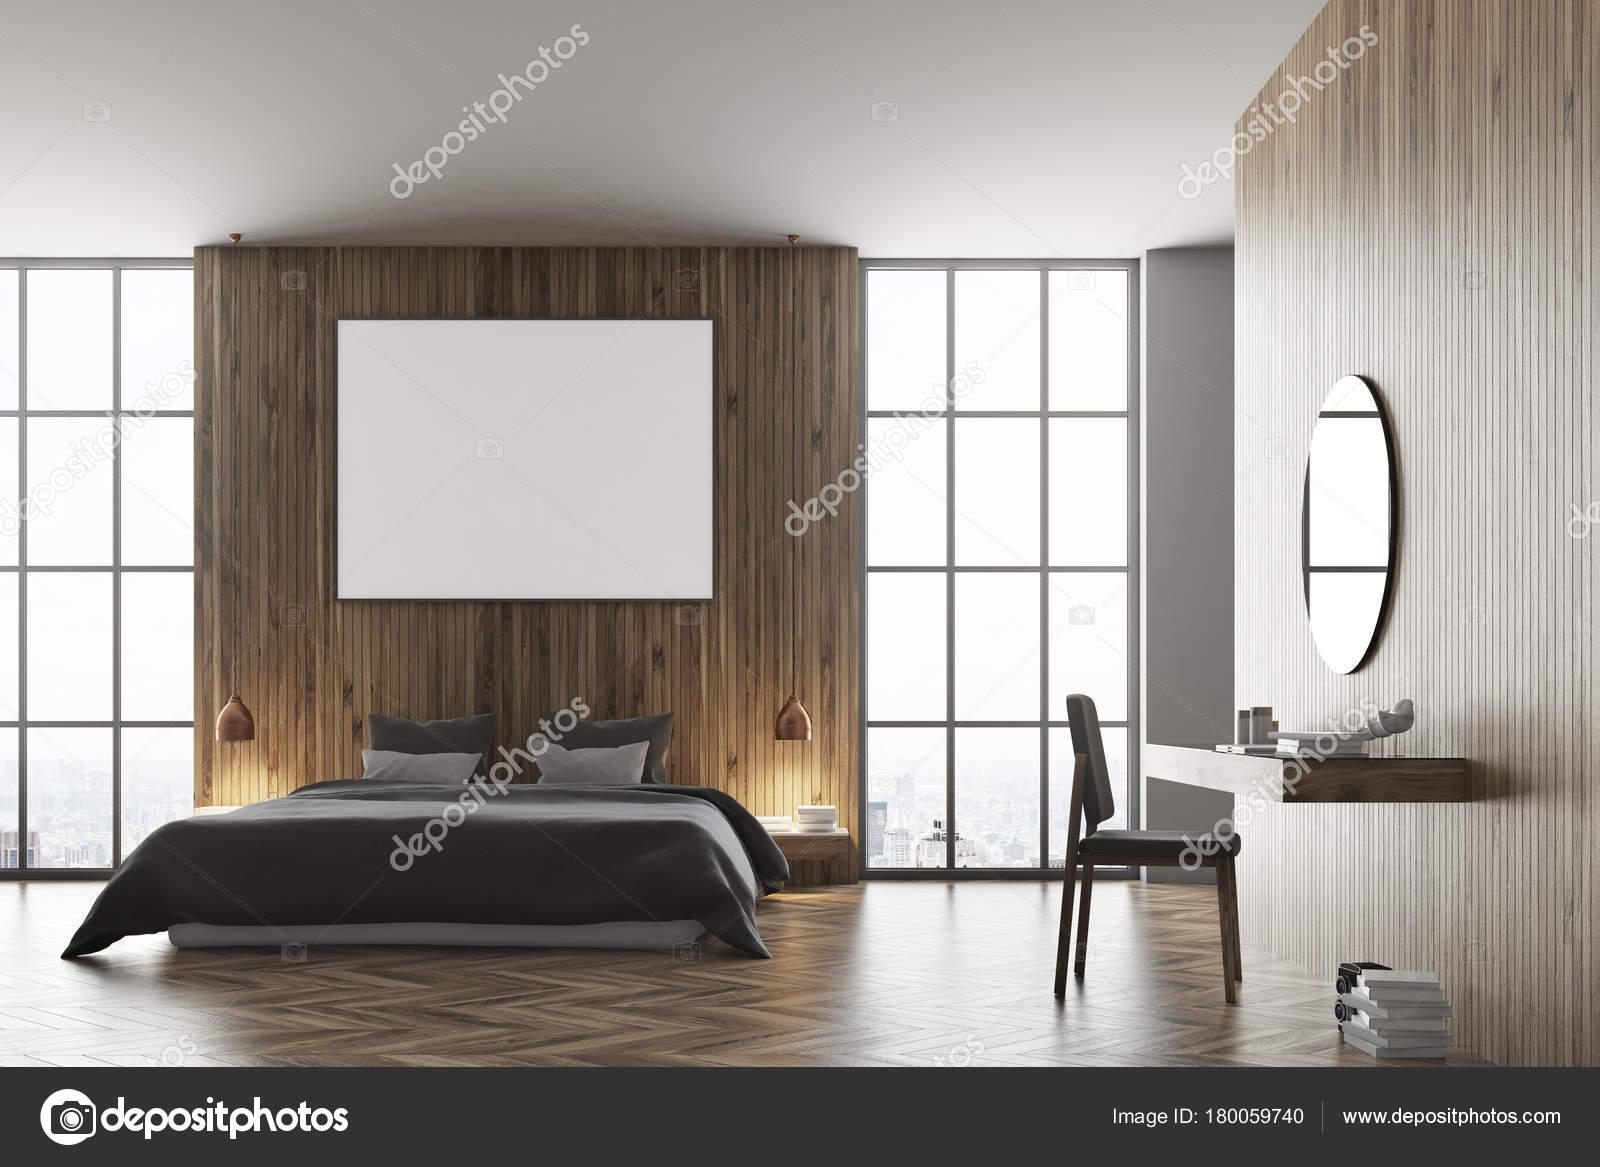 Letto Grigio Scuro : Letto in legno camera da letto grigio scuro u2014 foto stock